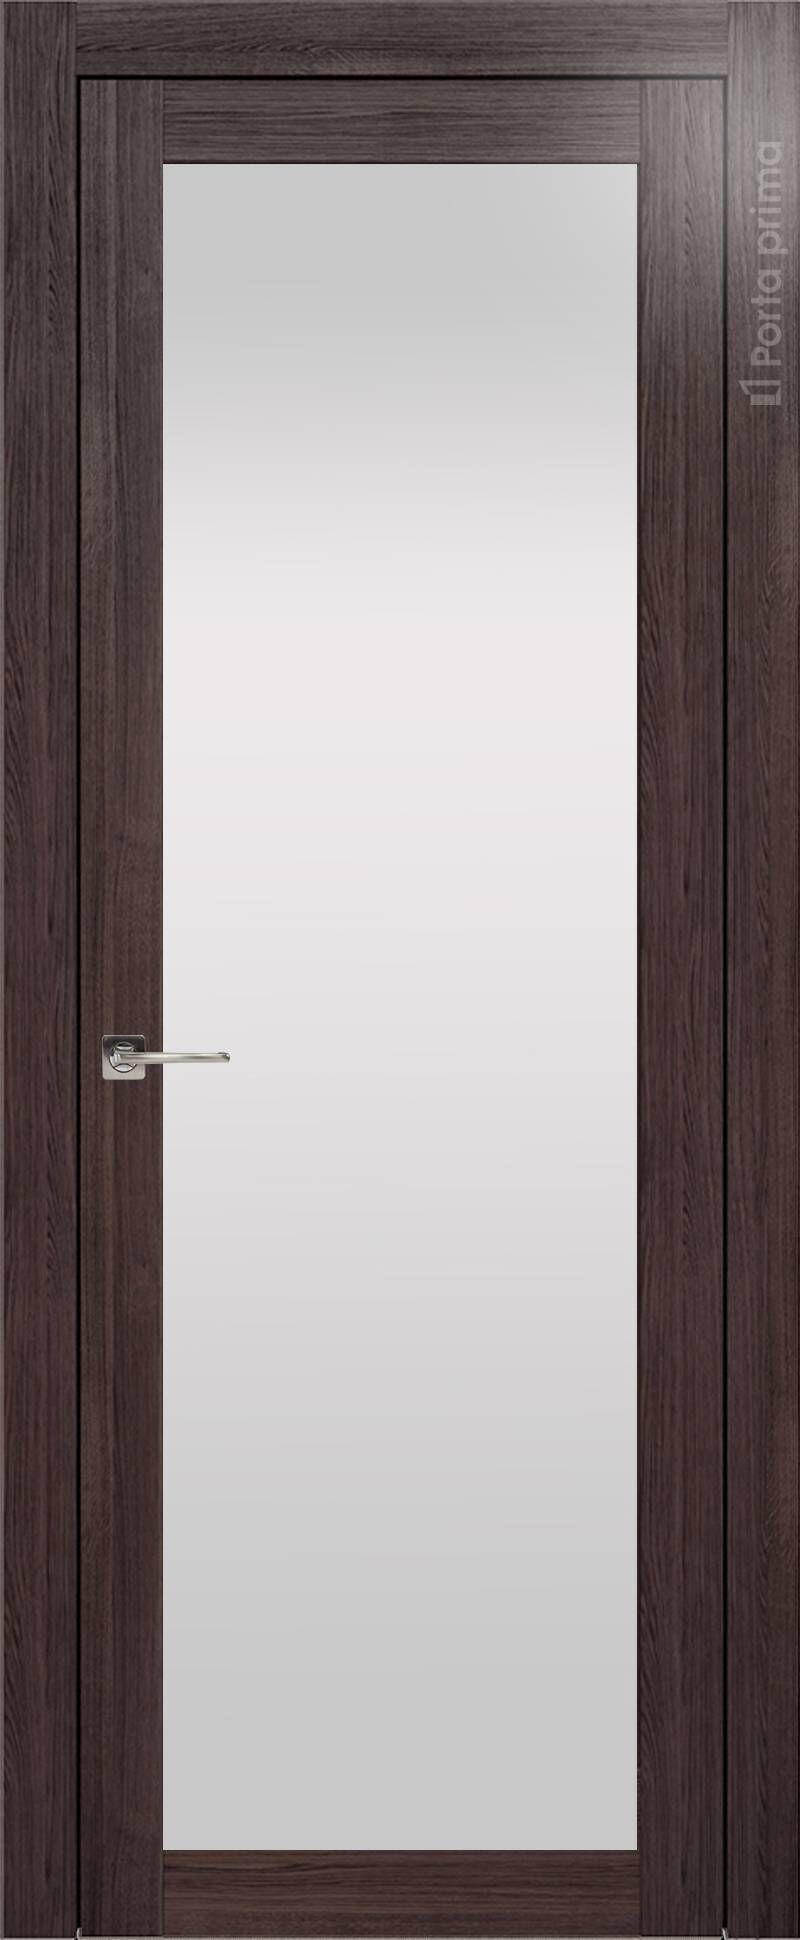 Tivoli З-1 цвет - Венге Нуар Со стеклом (ДО)